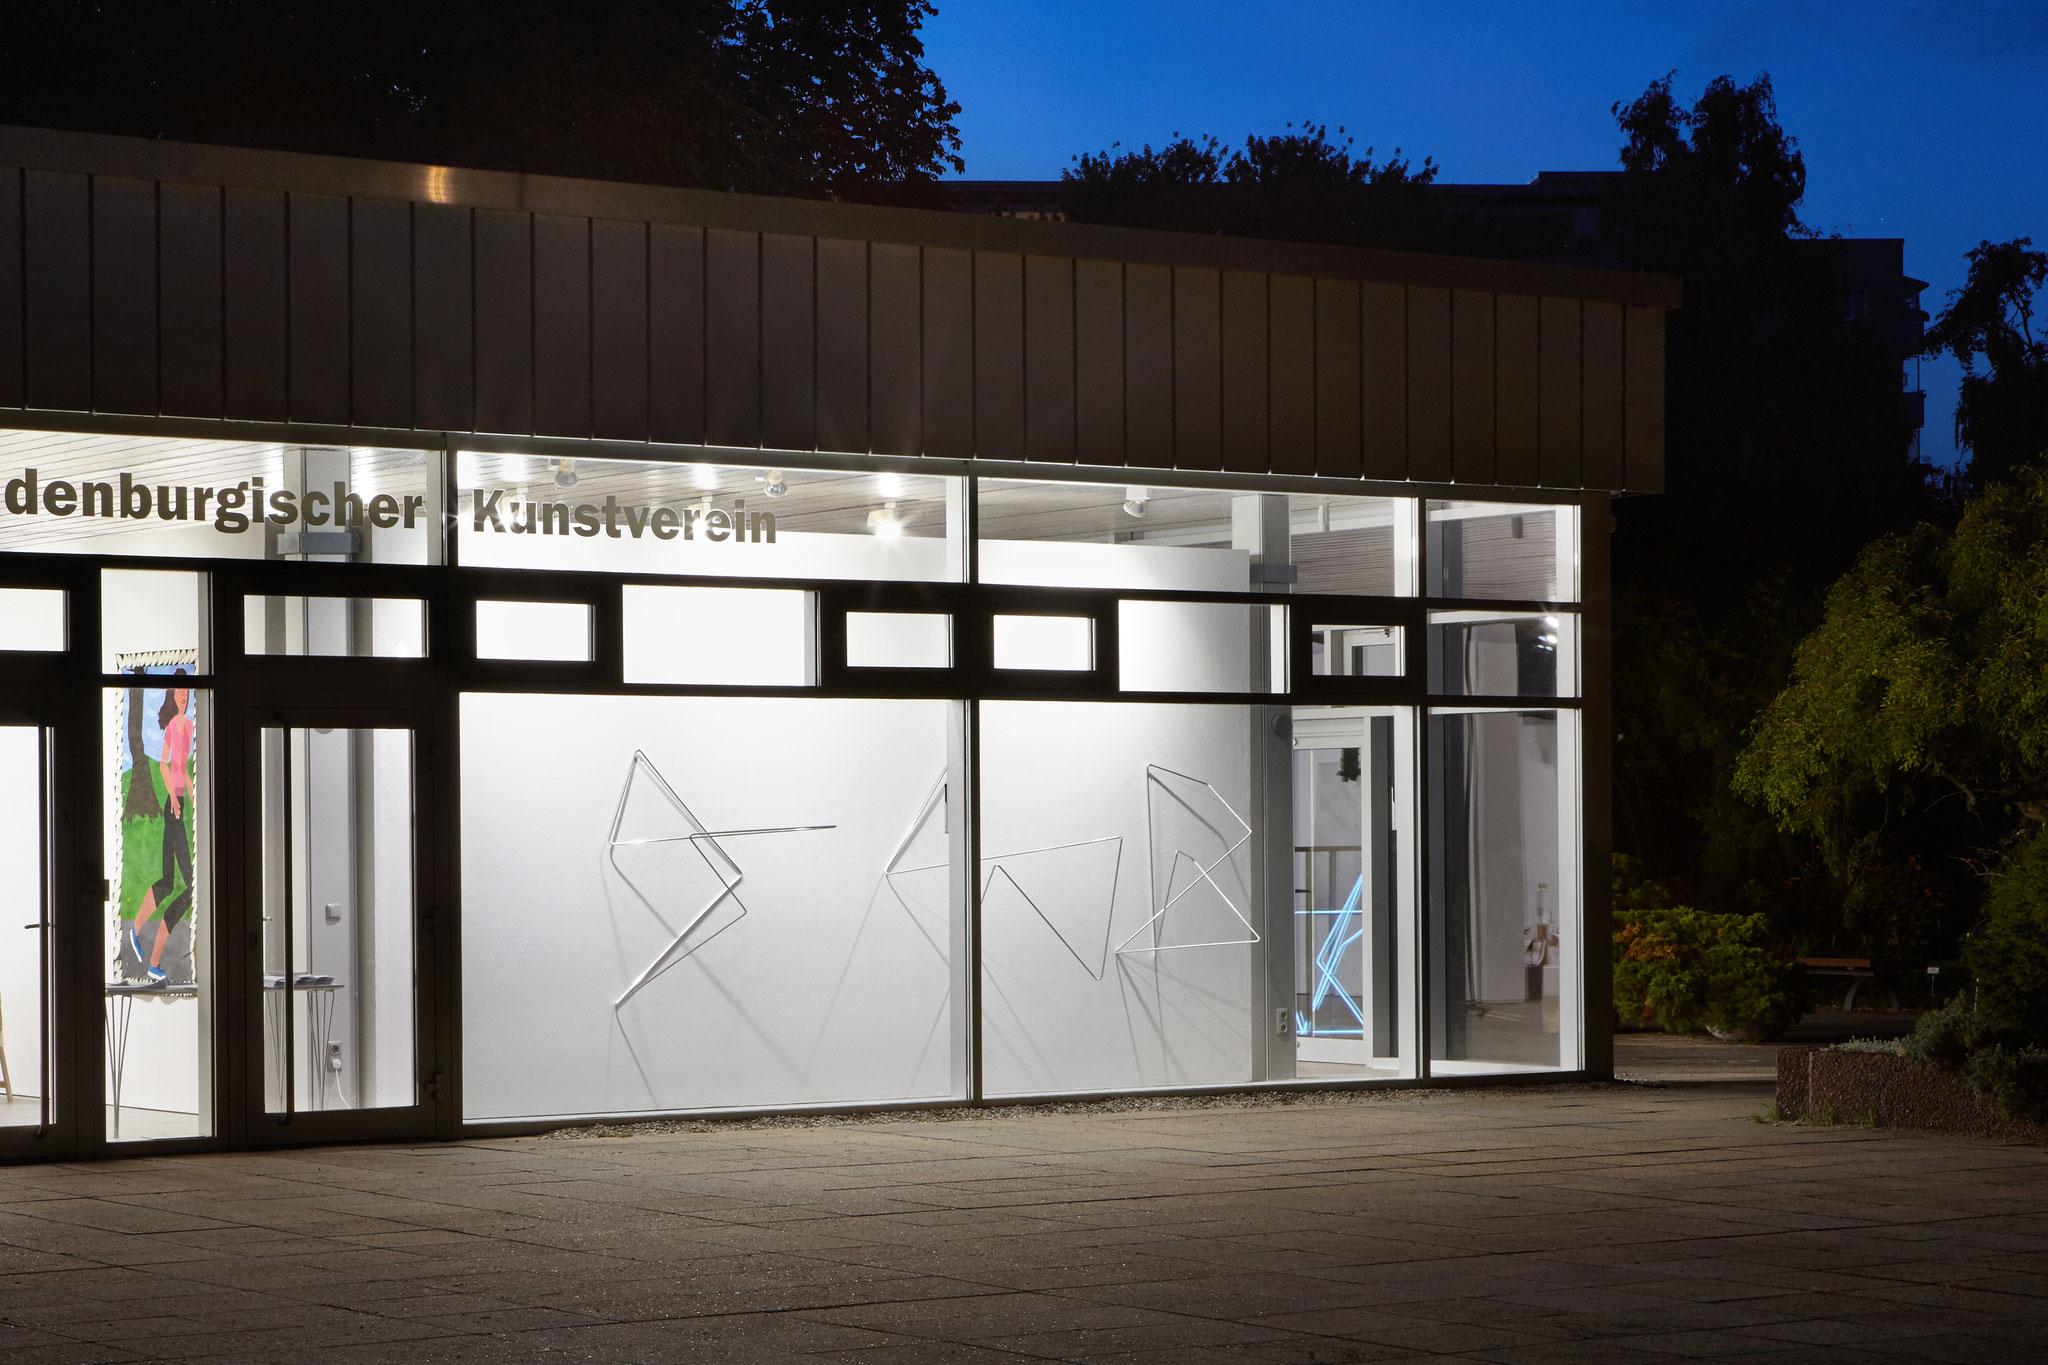 lines 09, 07, 08, 2019, Aluminiumstab je 300 cm, Brandenburgischer Kunstverein, Potsdam